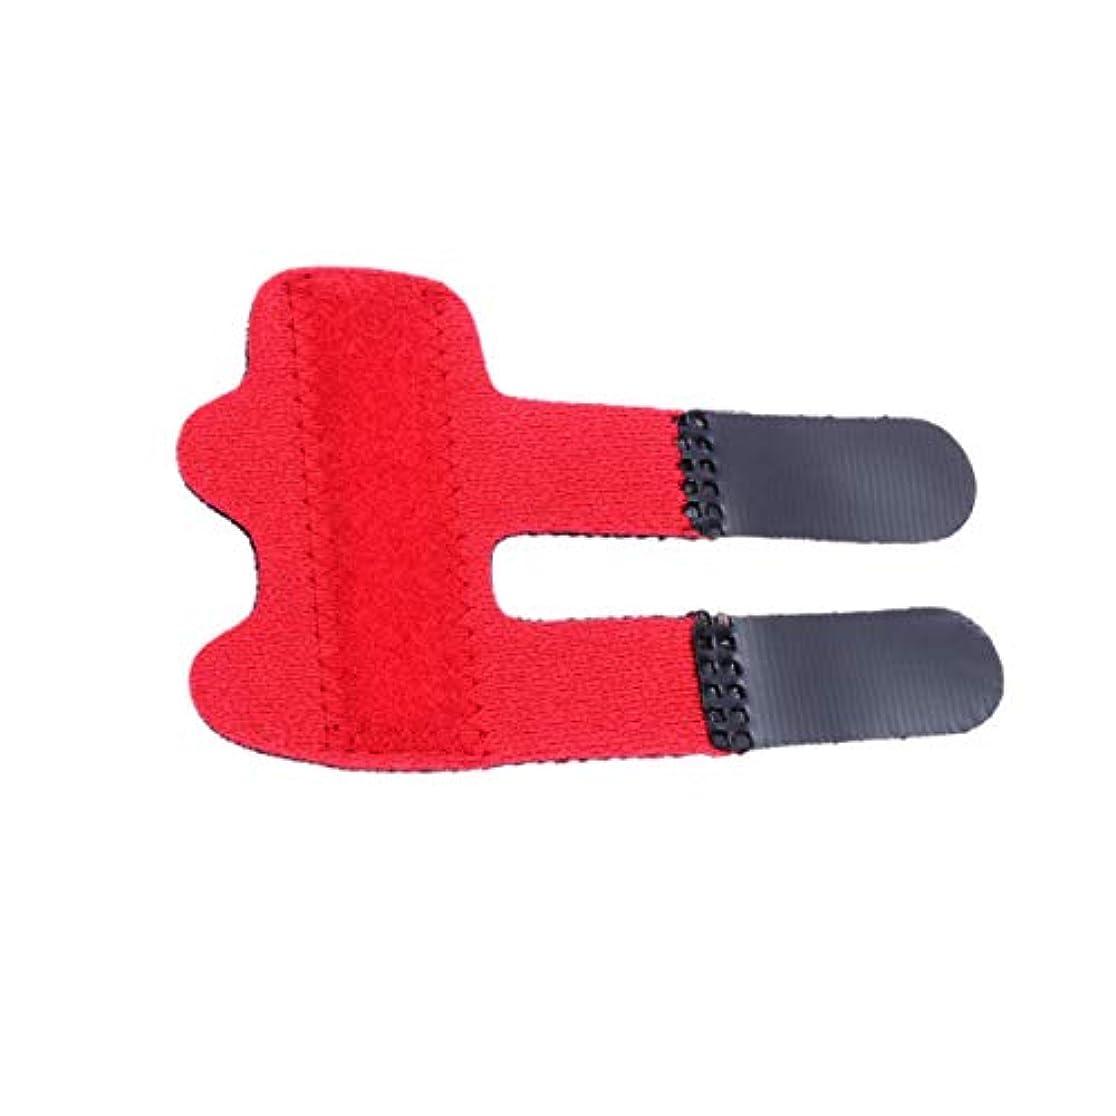 持続的私たちの羊のHealifty 指の添え木が指の袖を支える親指の添え木ブレースが壊れた指の腱の痛みを和らげます1pc(赤)